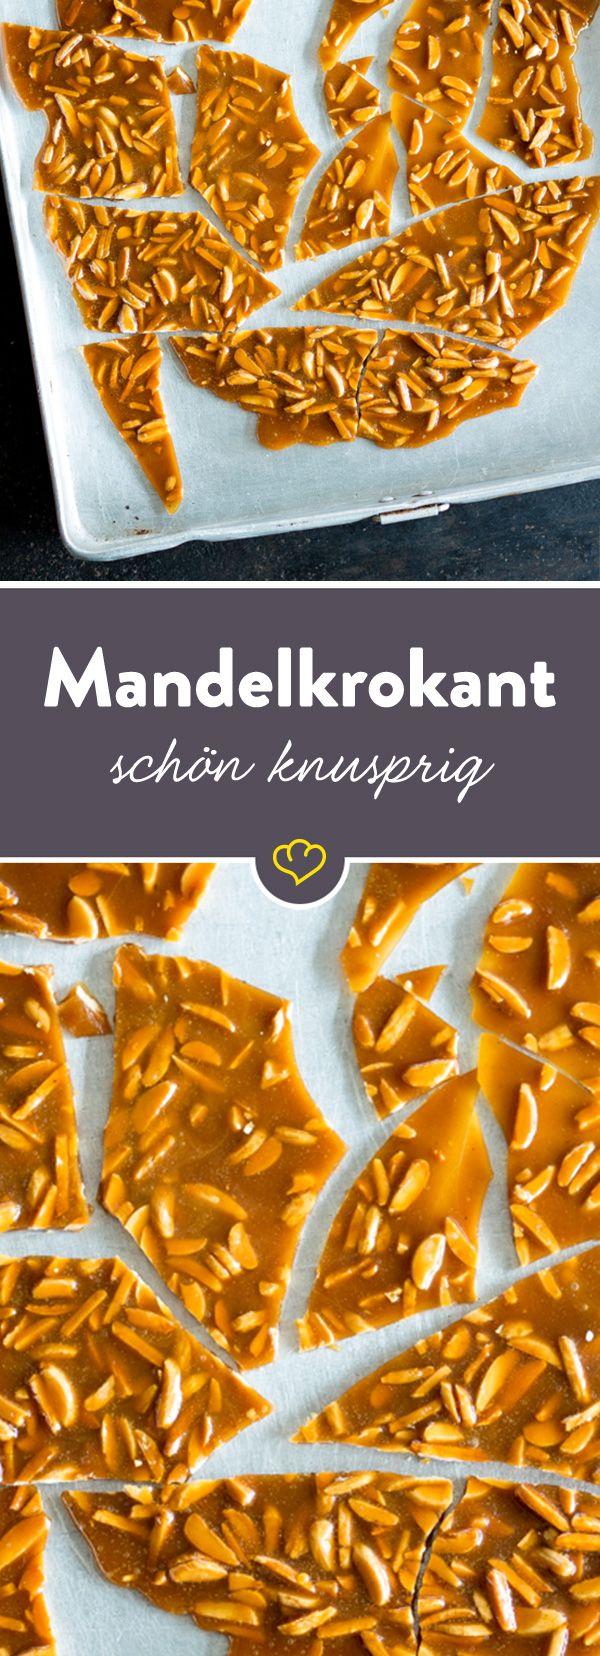 Knackige Mandeln umhüllt von einer süßen Zuckermasse. Ein Klassiker, der sich easy-peasy selber machen lässt und in jede Süßigkeitenschublade gehört. #fooddiy